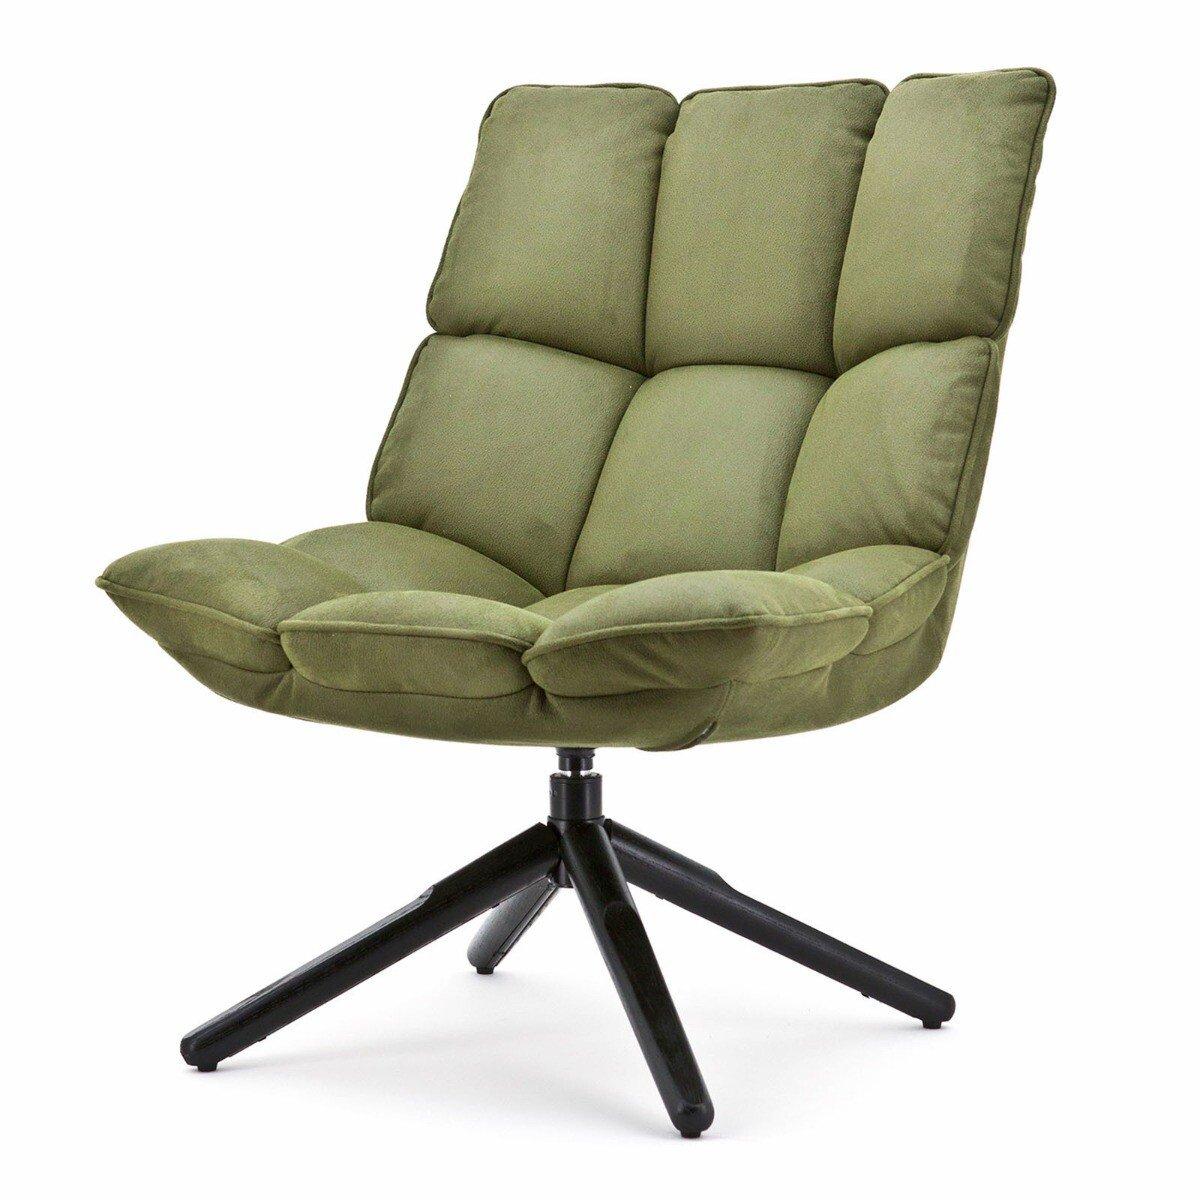 Eleonora Fauteuil Daan Polyester groen 93 x 68 x 78